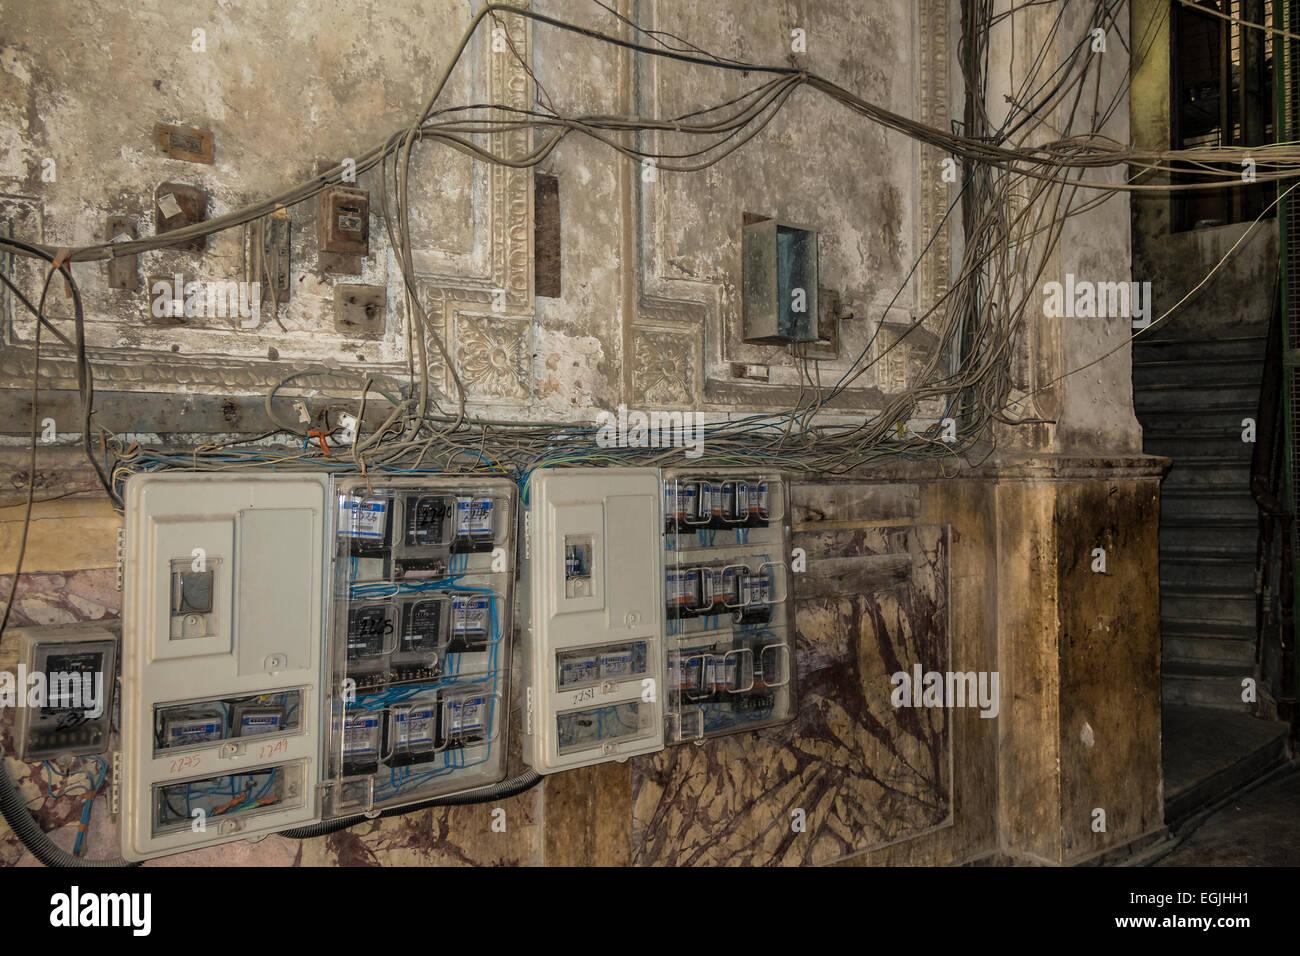 Nett Gebäude Elektrischen Draht Fotos - Elektrische Schaltplan-Ideen ...